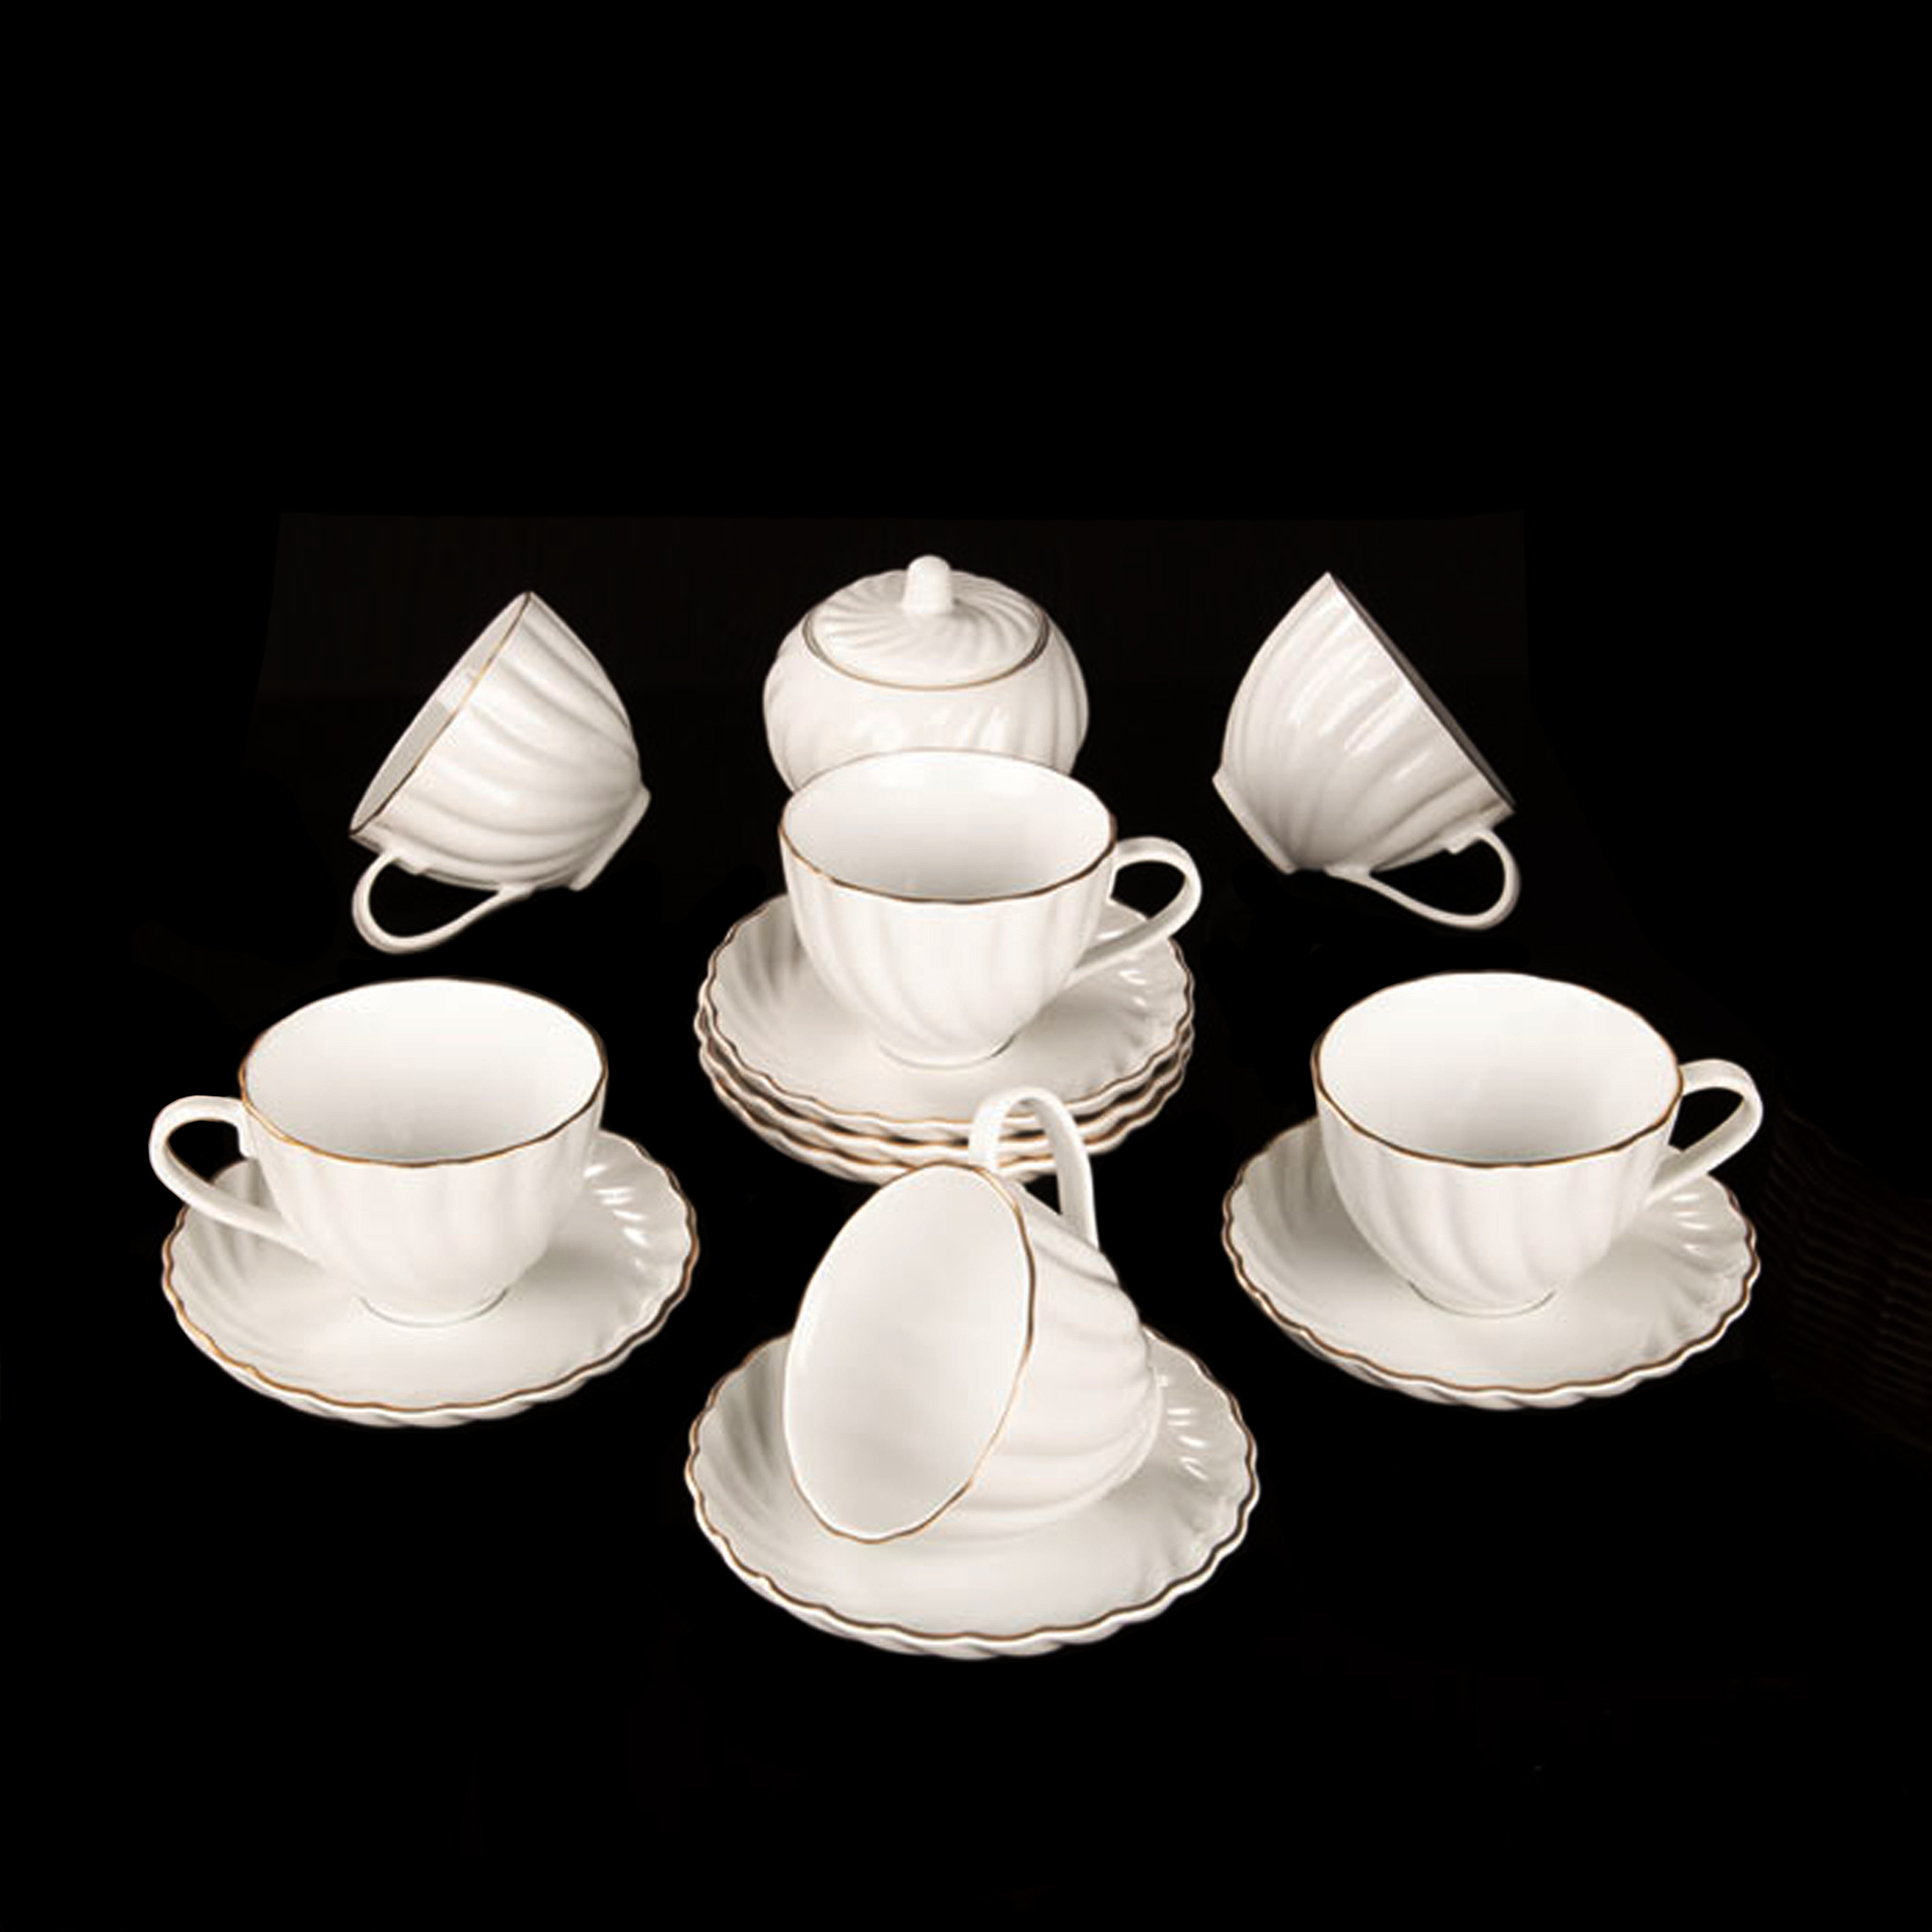 سرویس چای خوری 14 پارچه لمونژ مدل کارمن کد 504